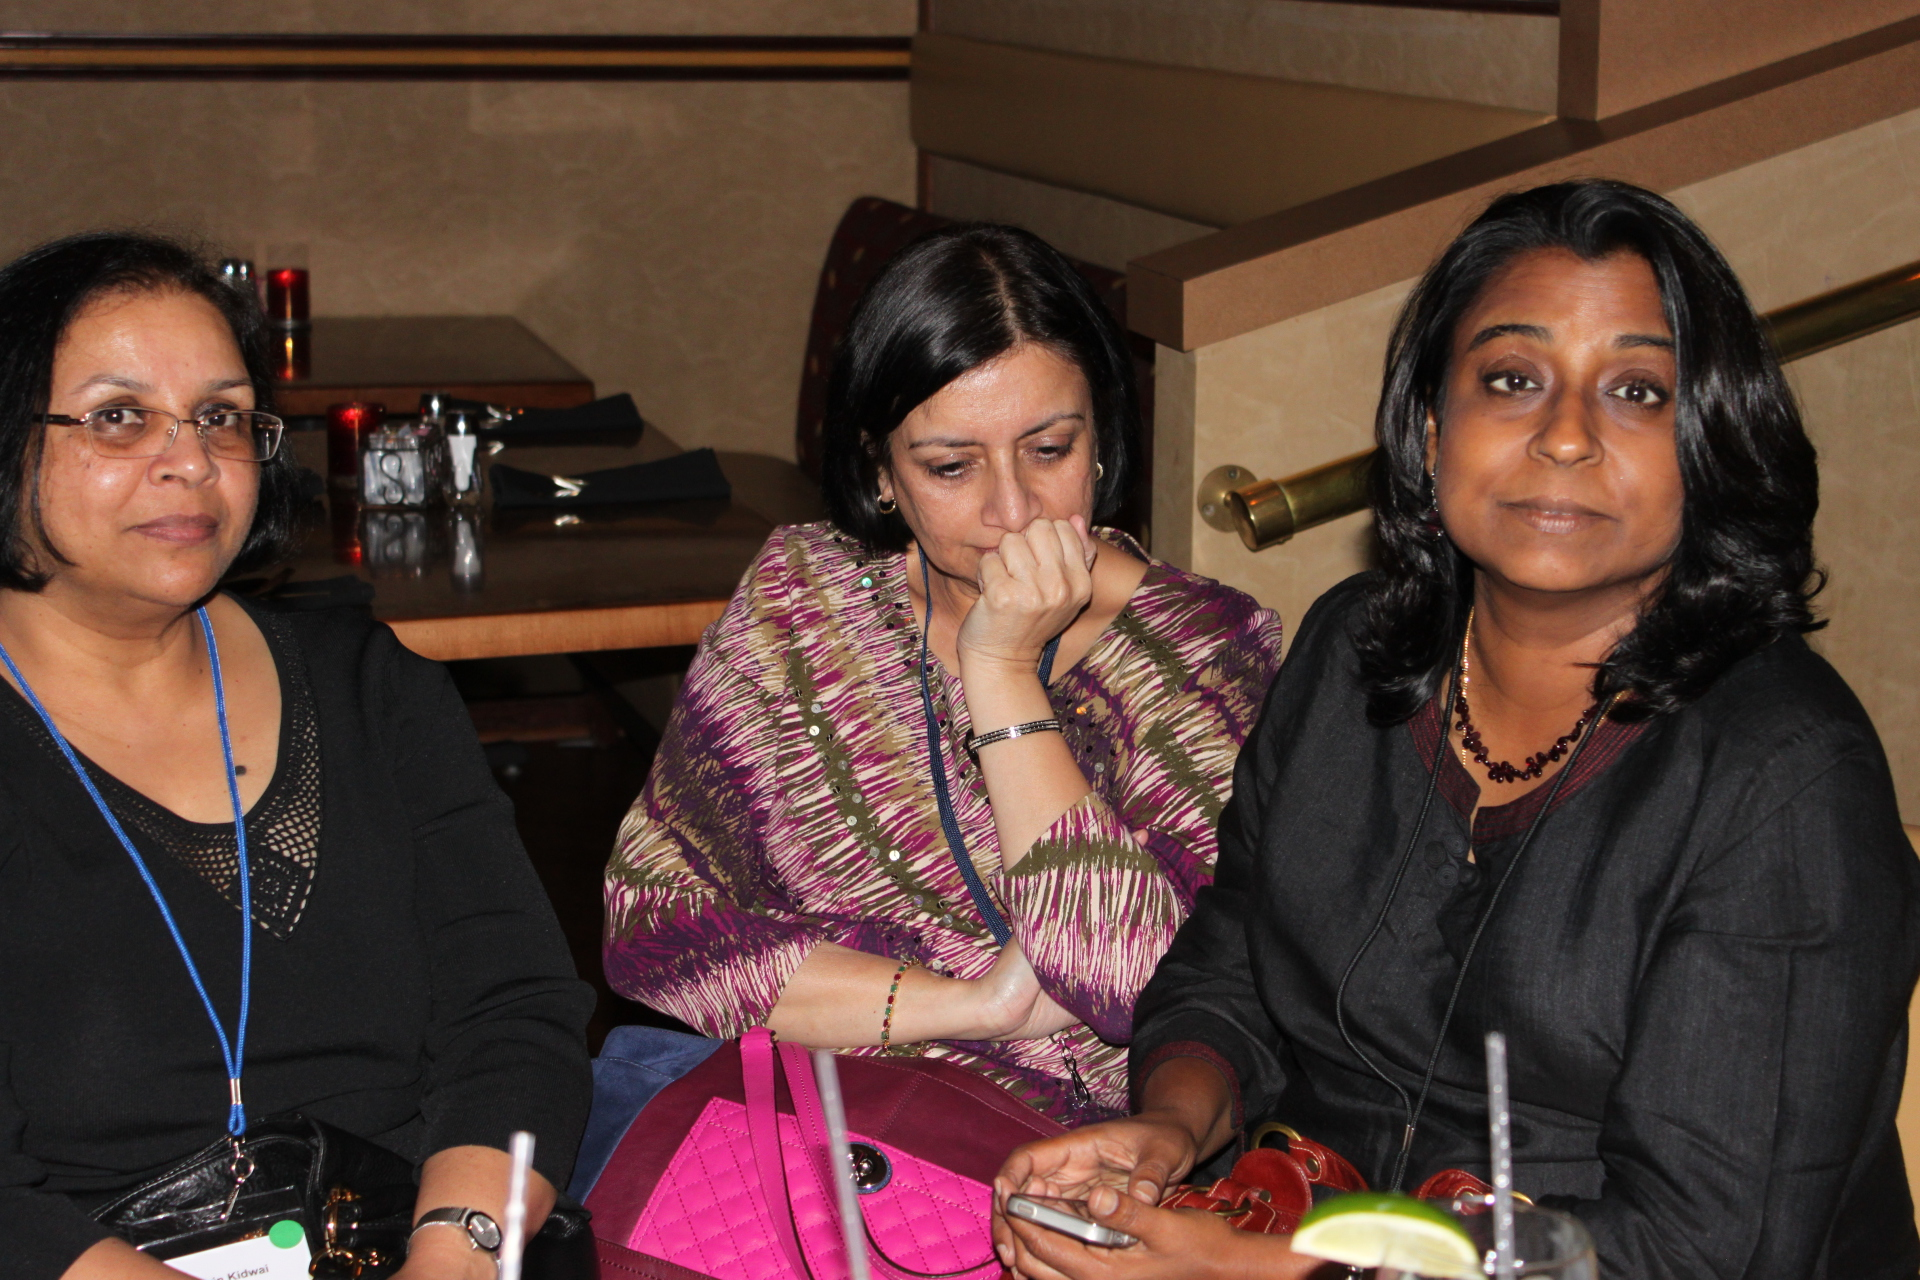 Zarin, Mona and Meera